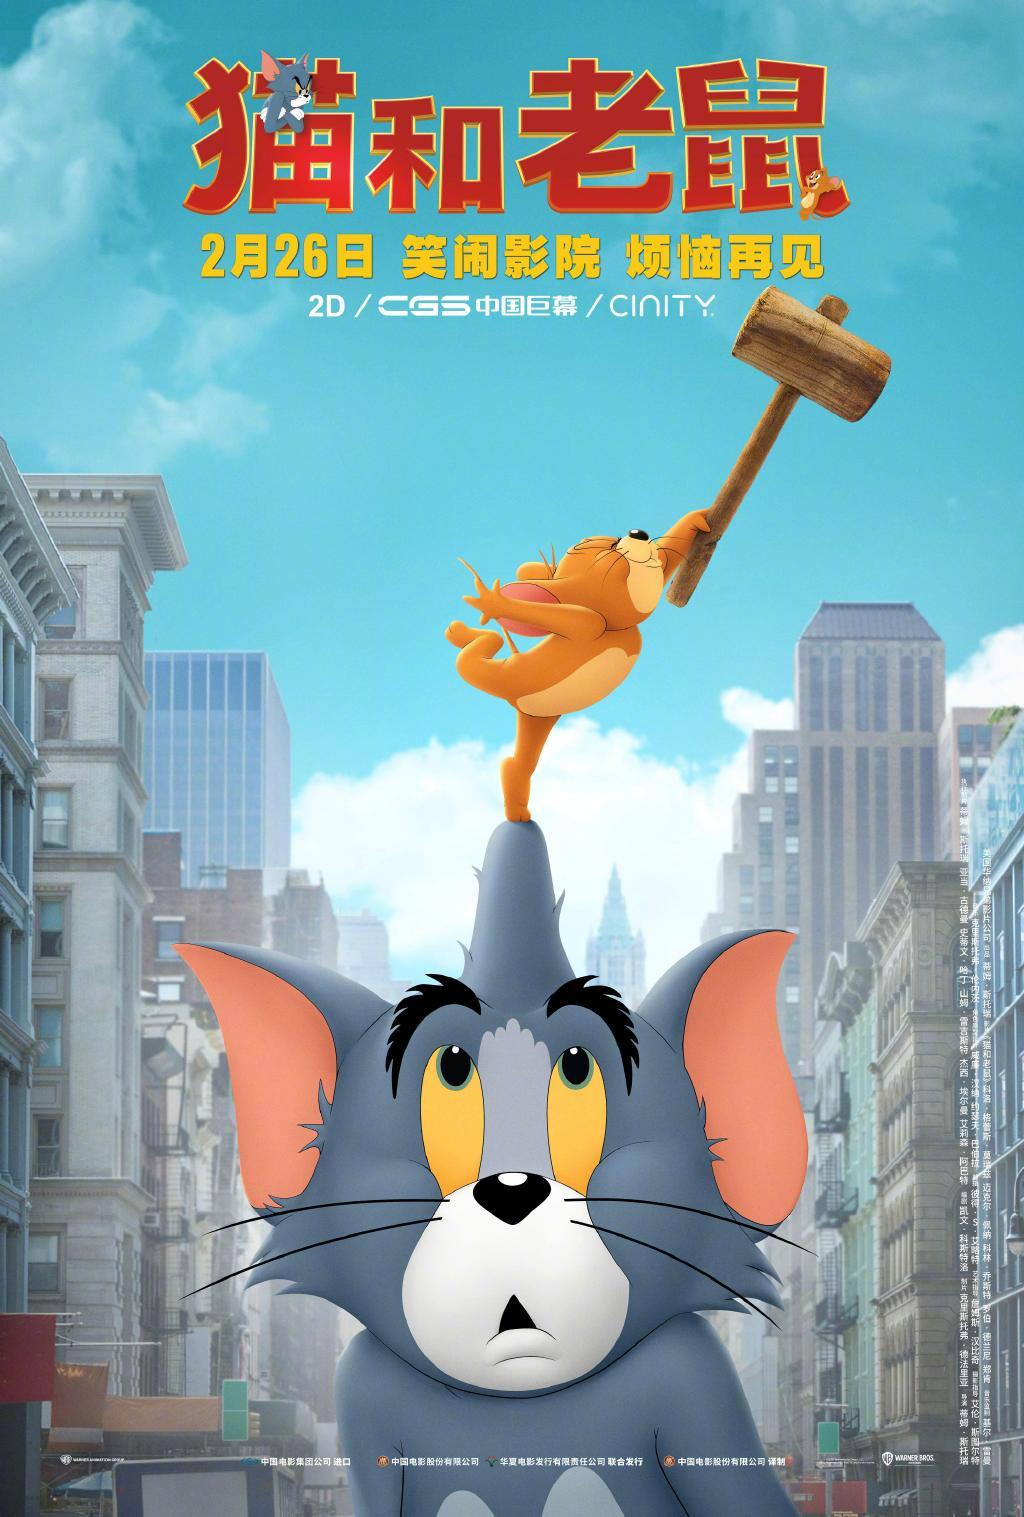 华纳兄弟影业公布《猫和老鼠》汤姆唱情歌片段